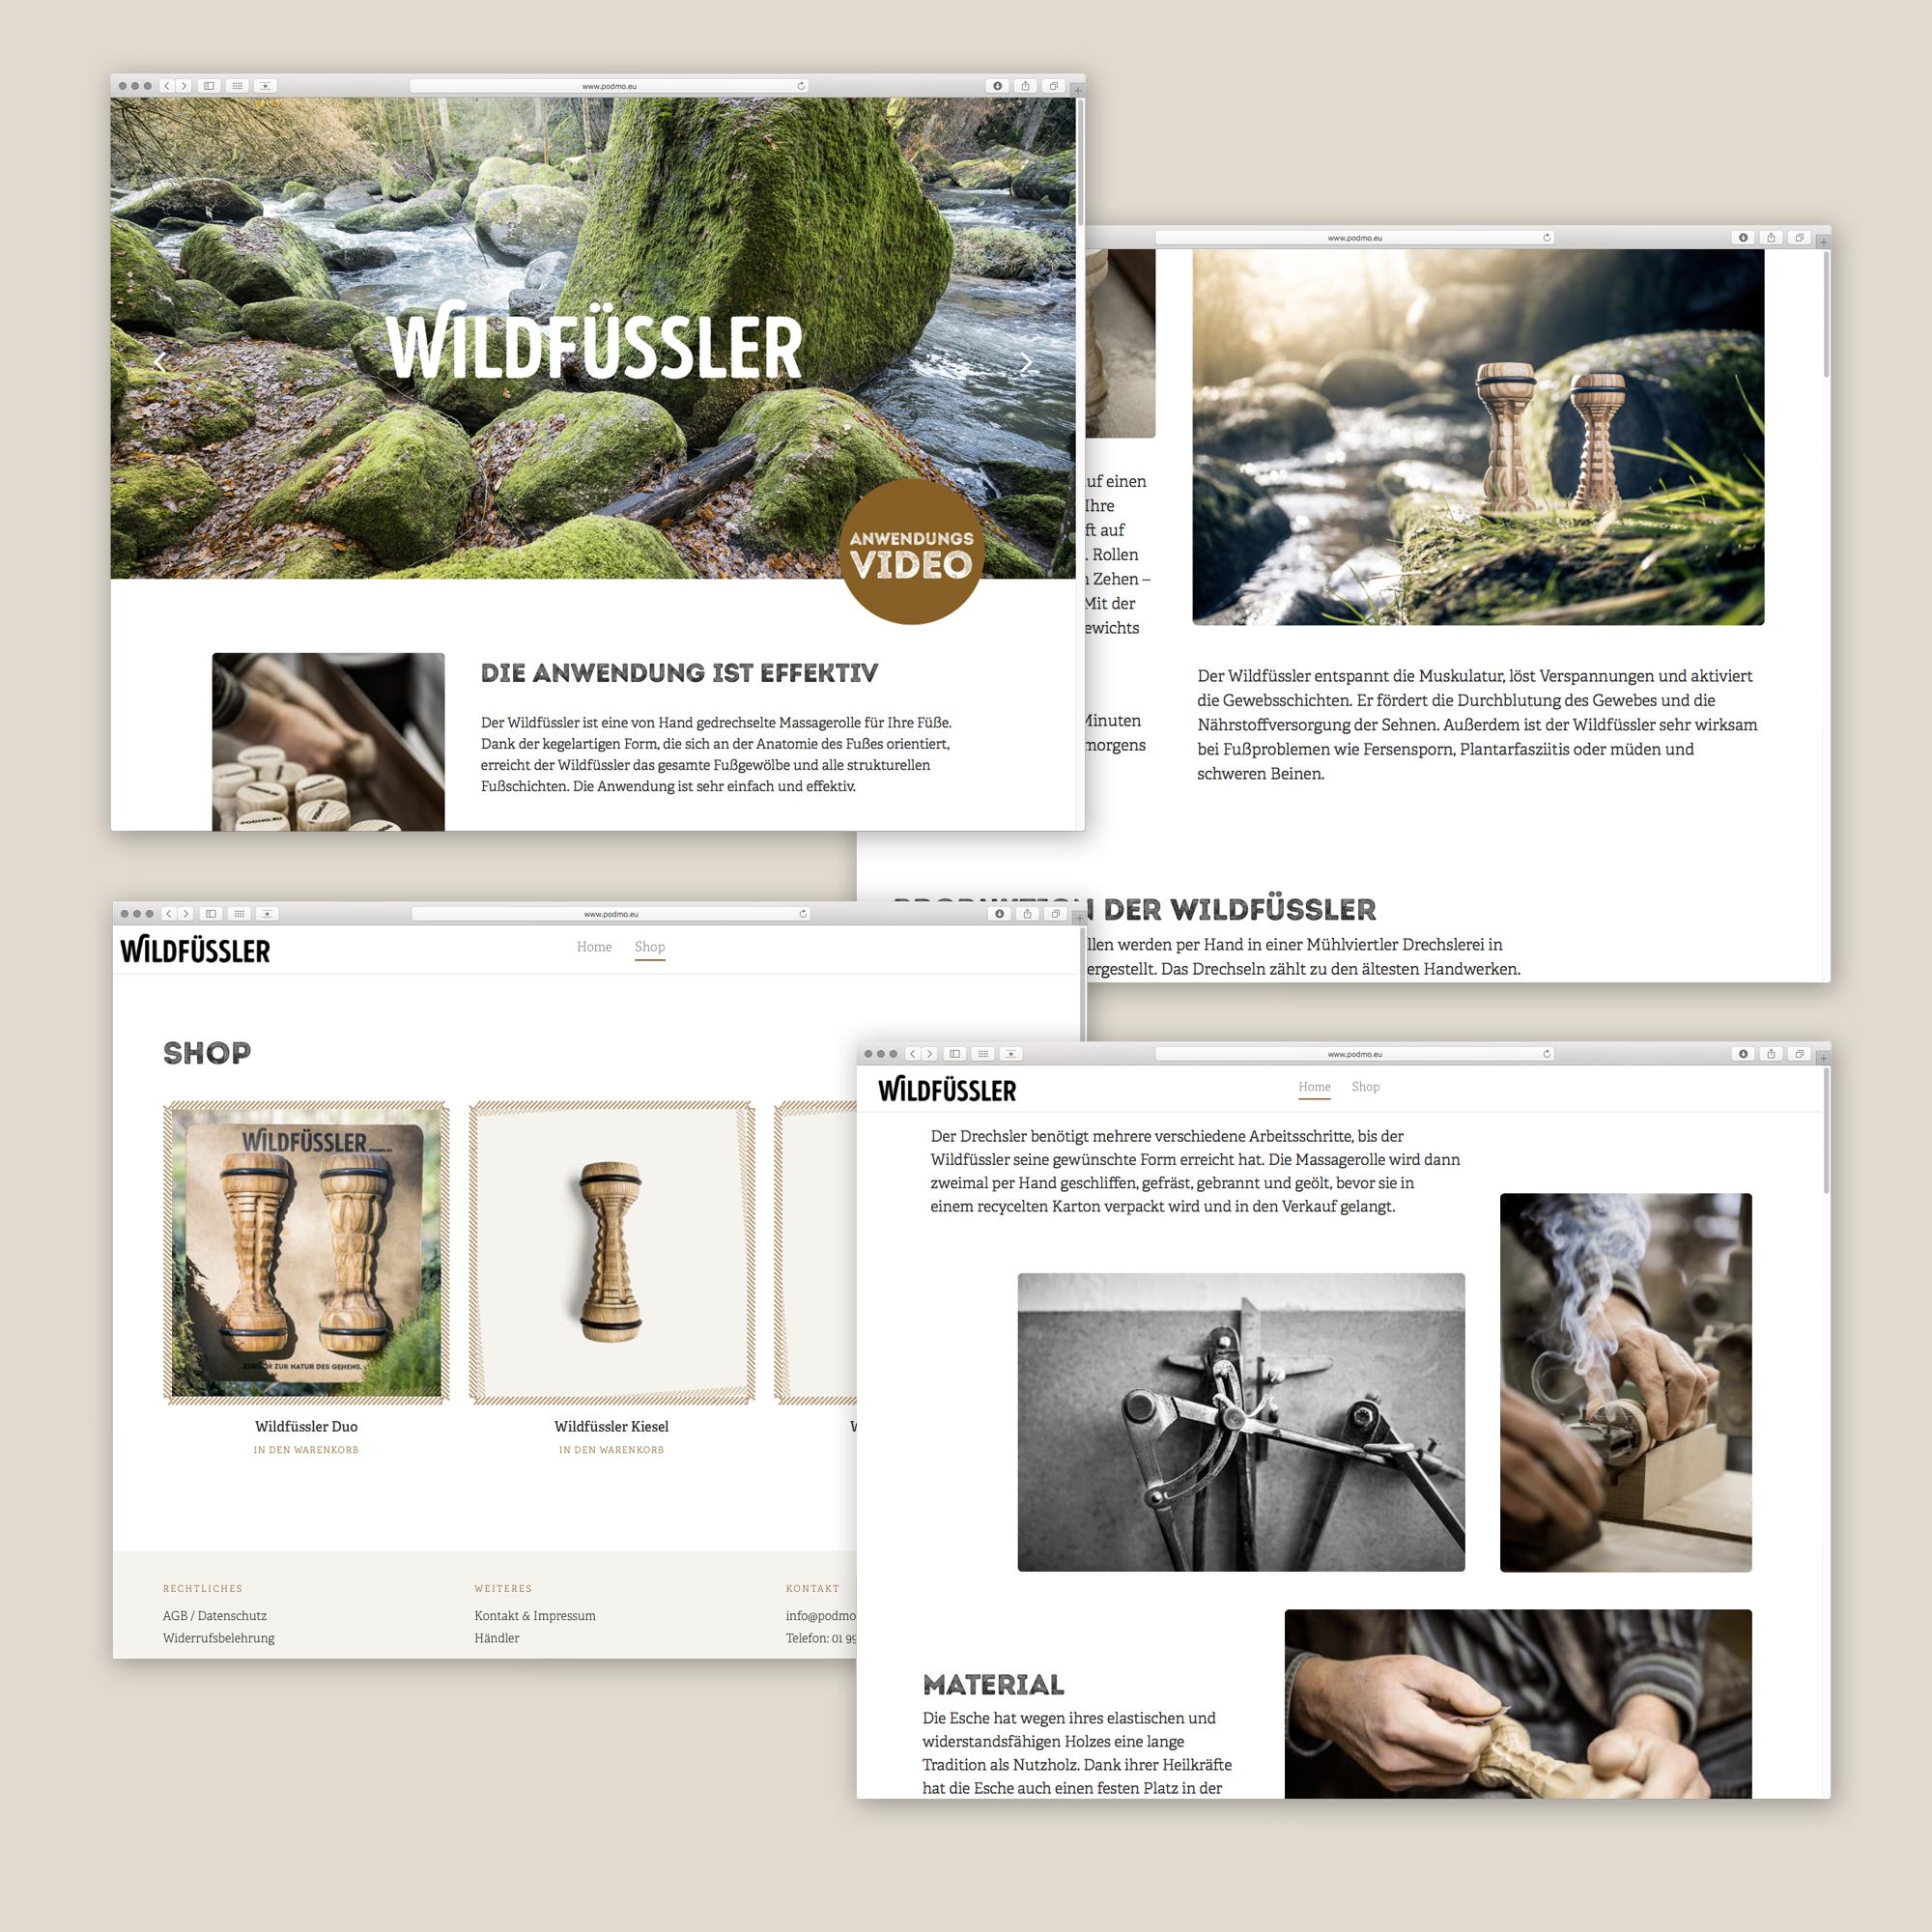 podmo-website-uebersicht